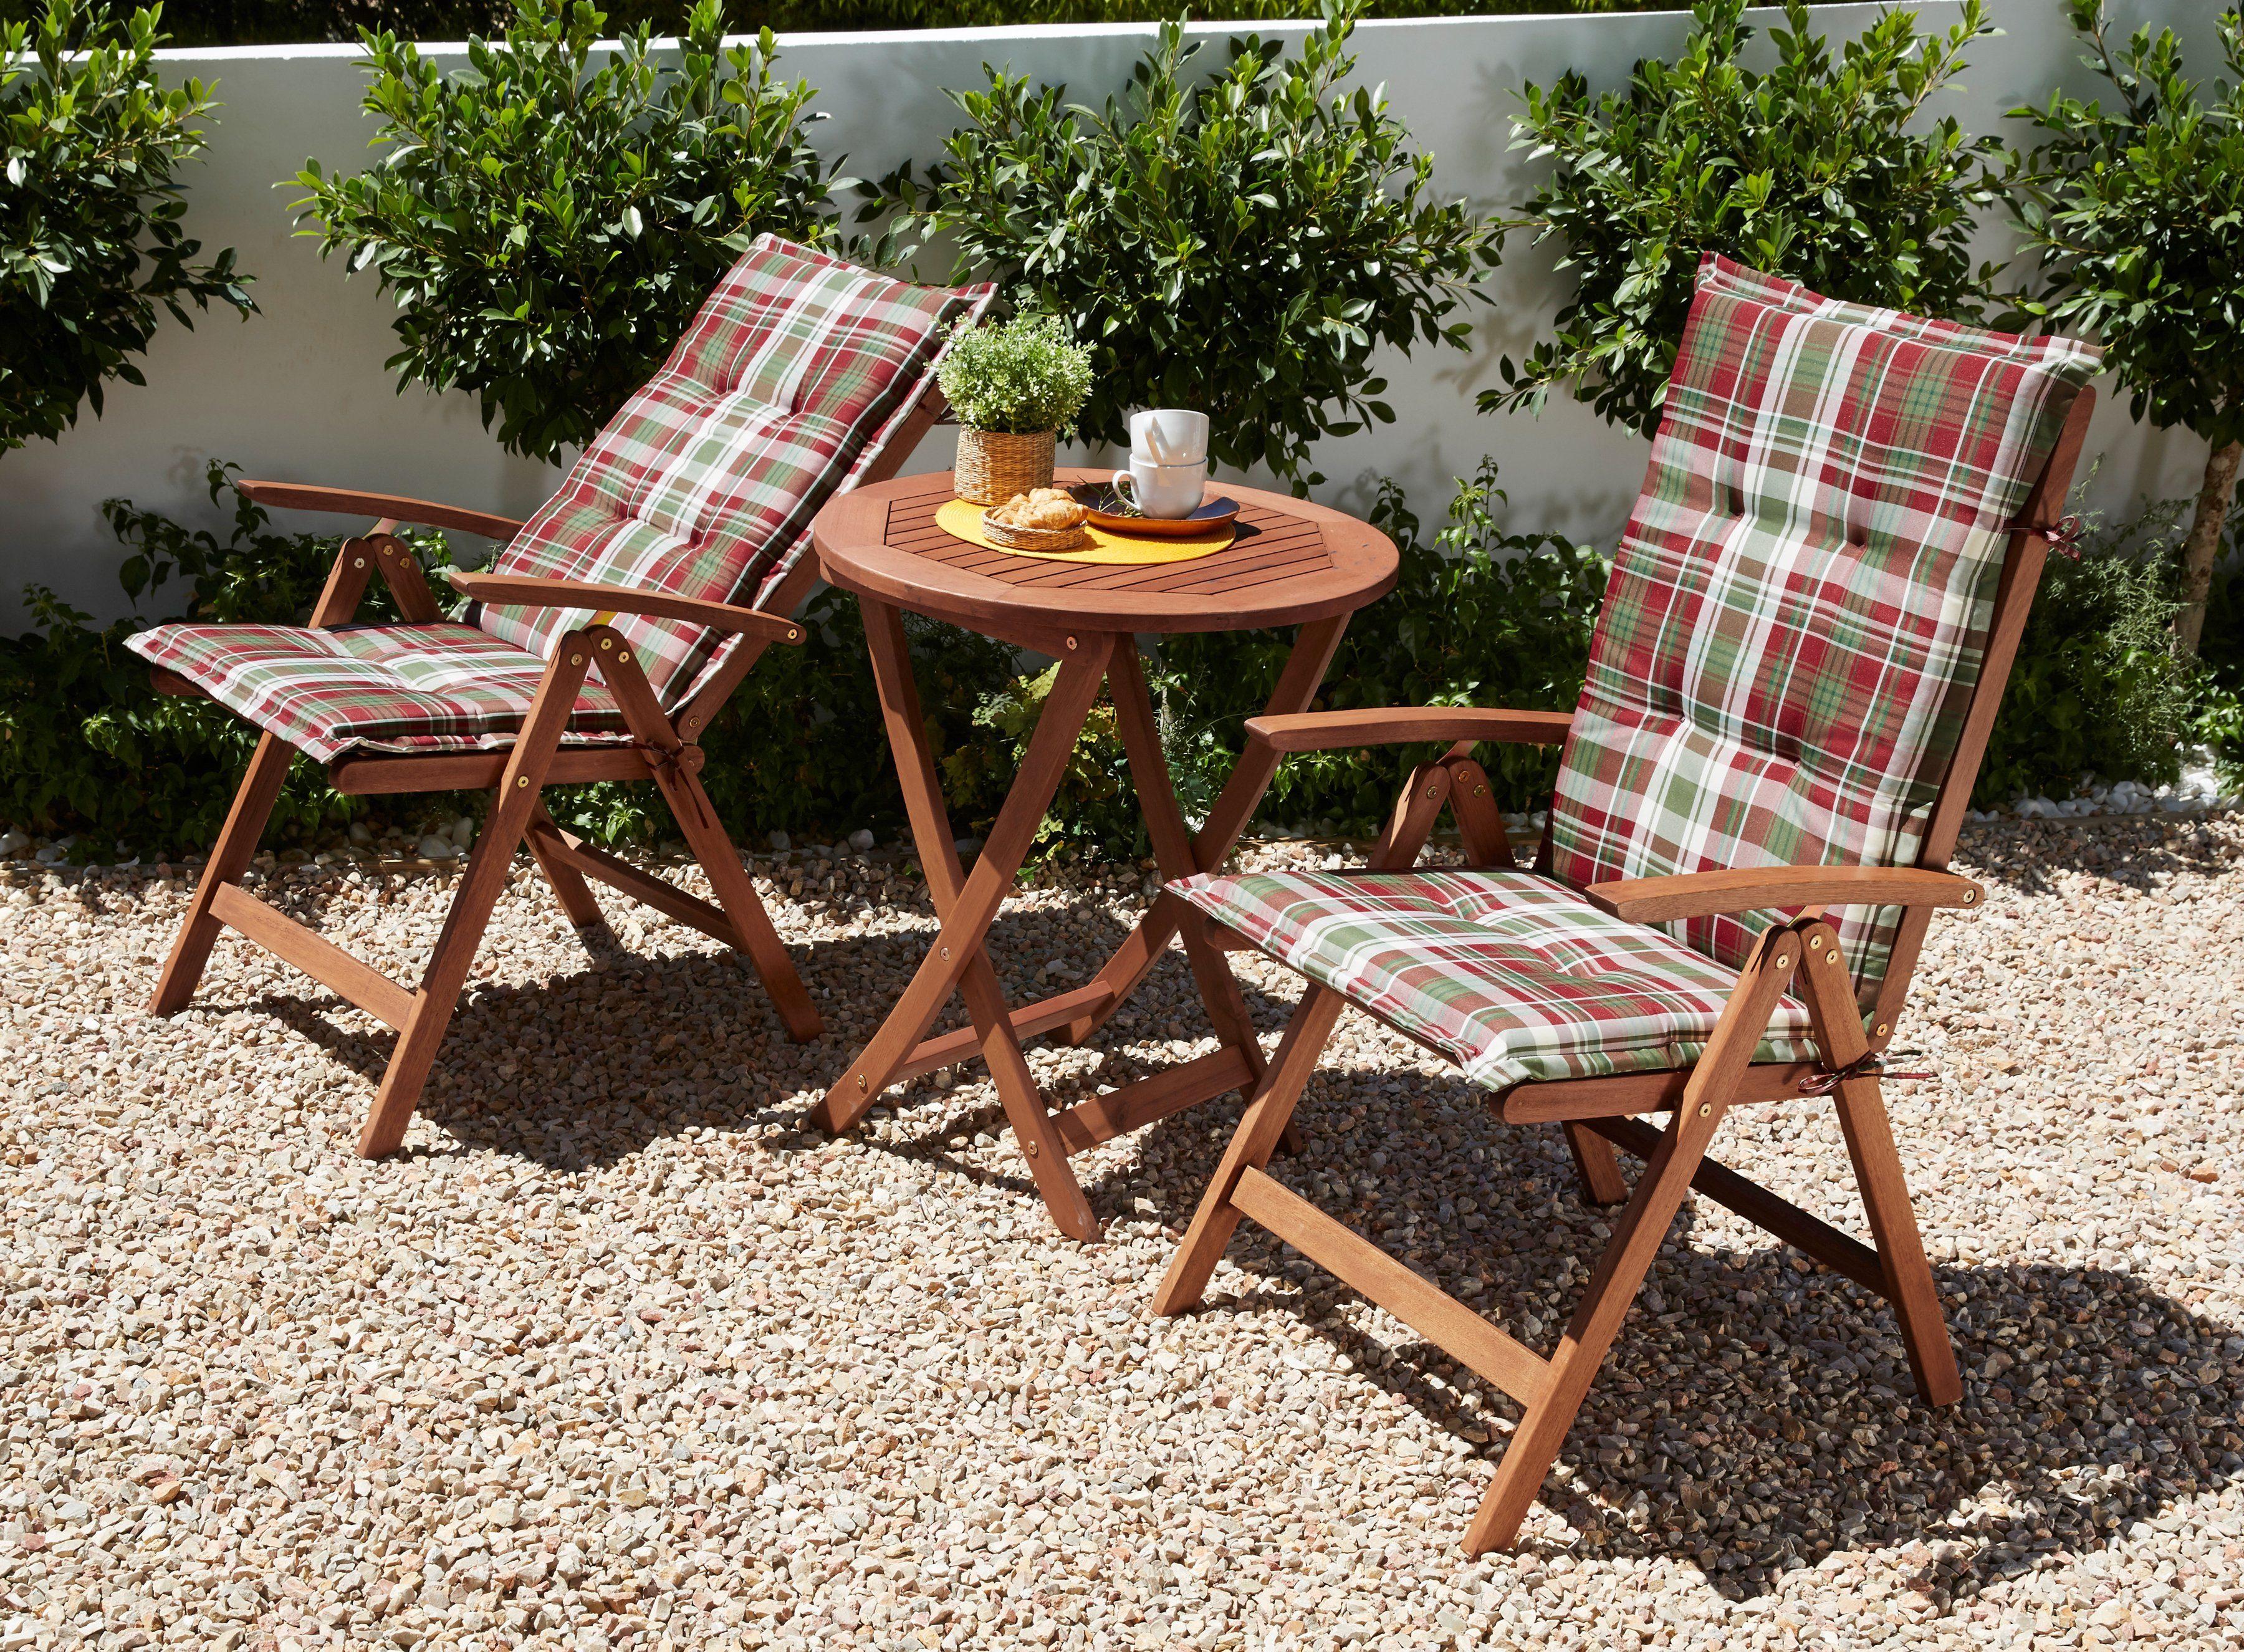 Gartenmöbel Set Holz ~ Gartenmobel set holz u igelscout